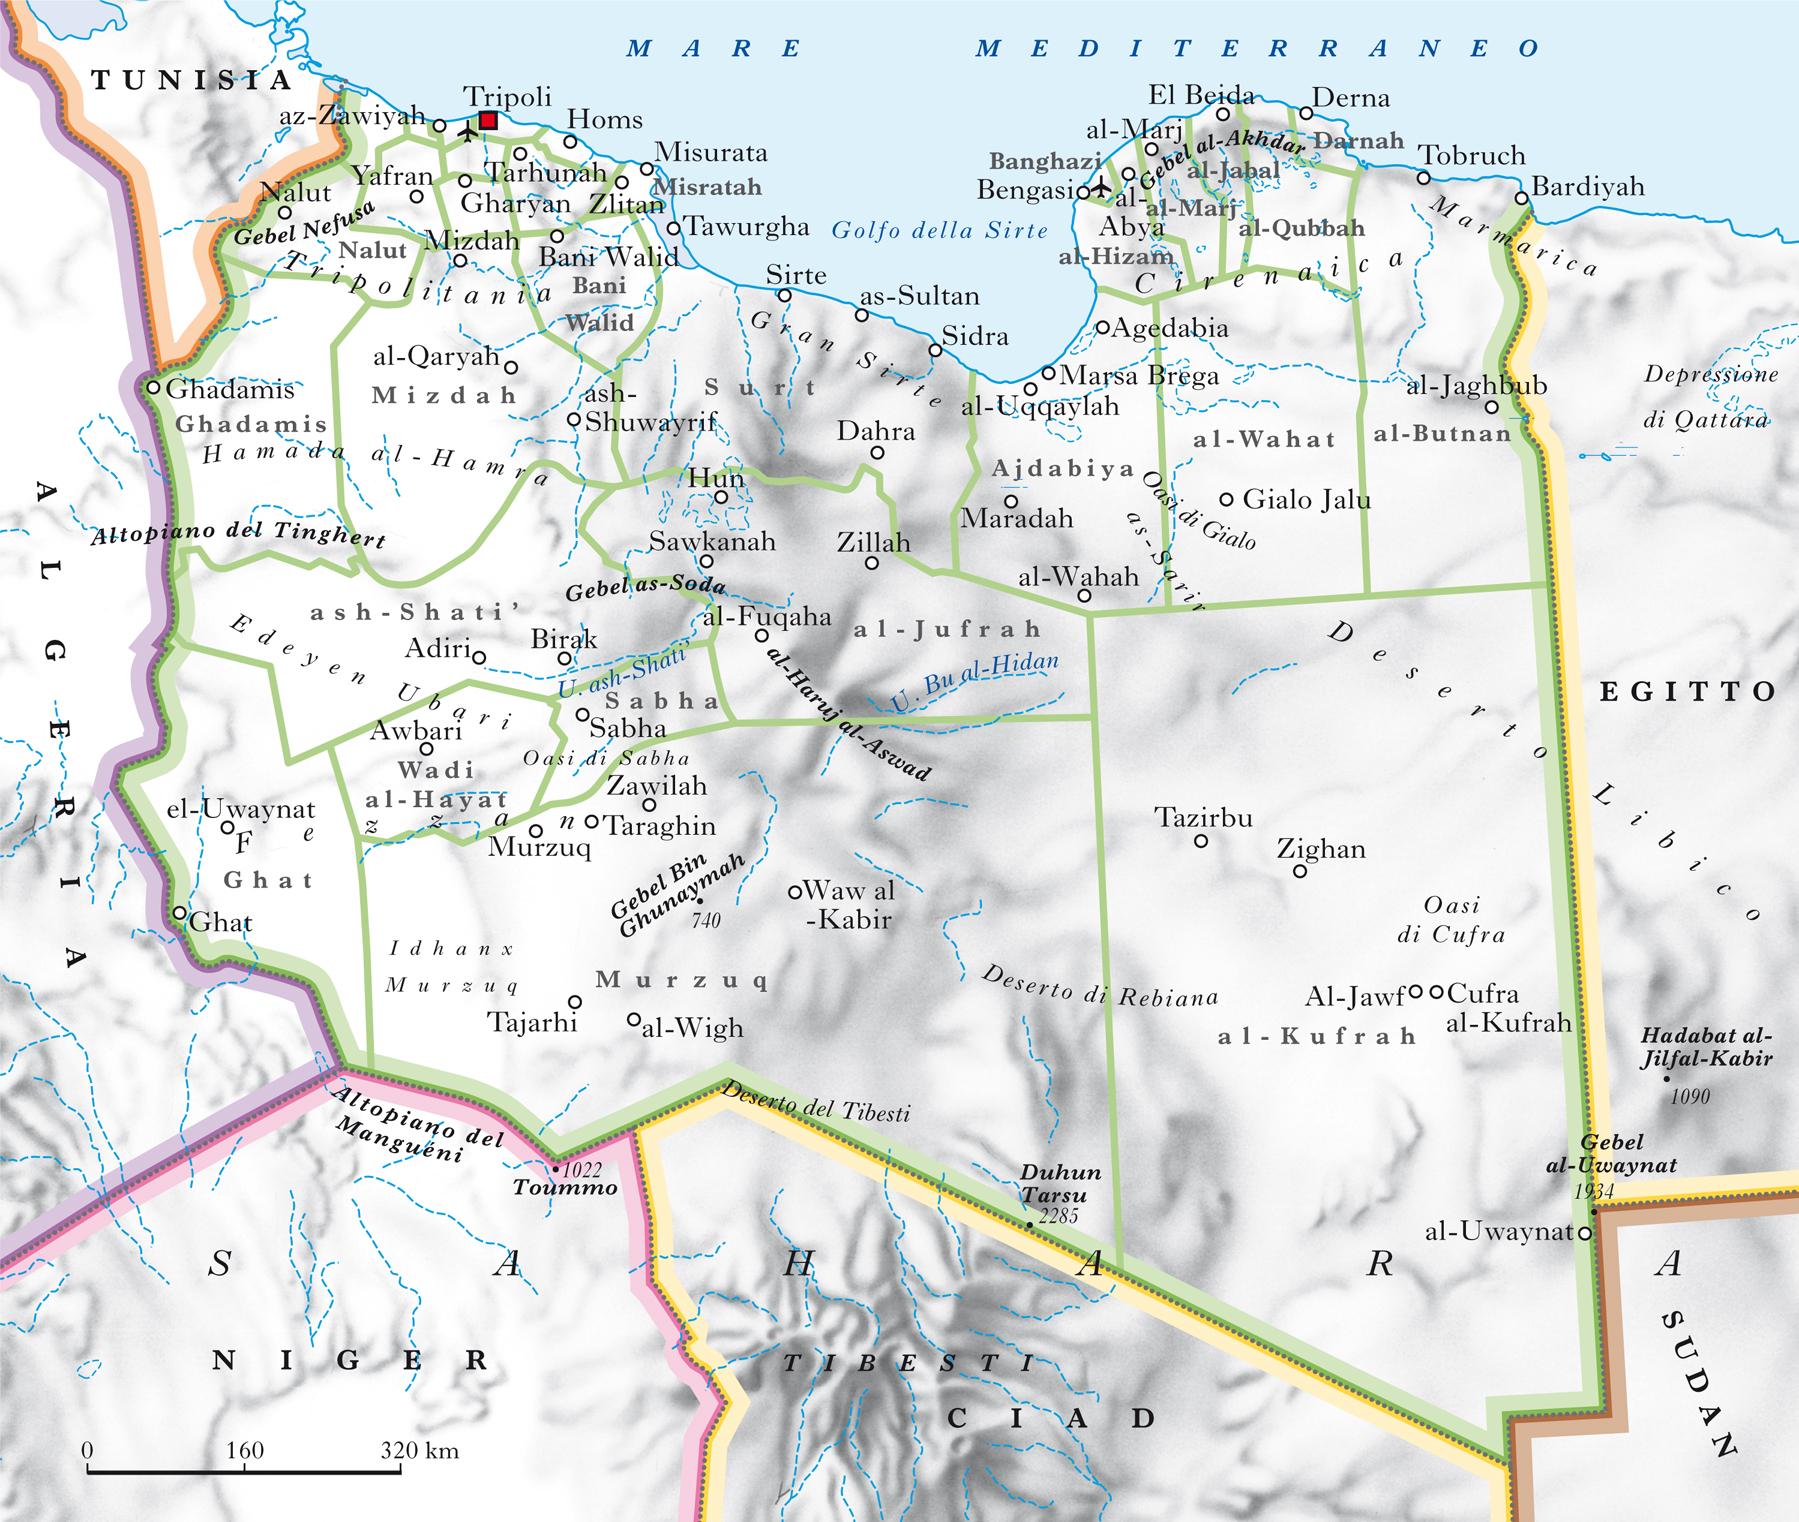 libia in atlante geopolitico